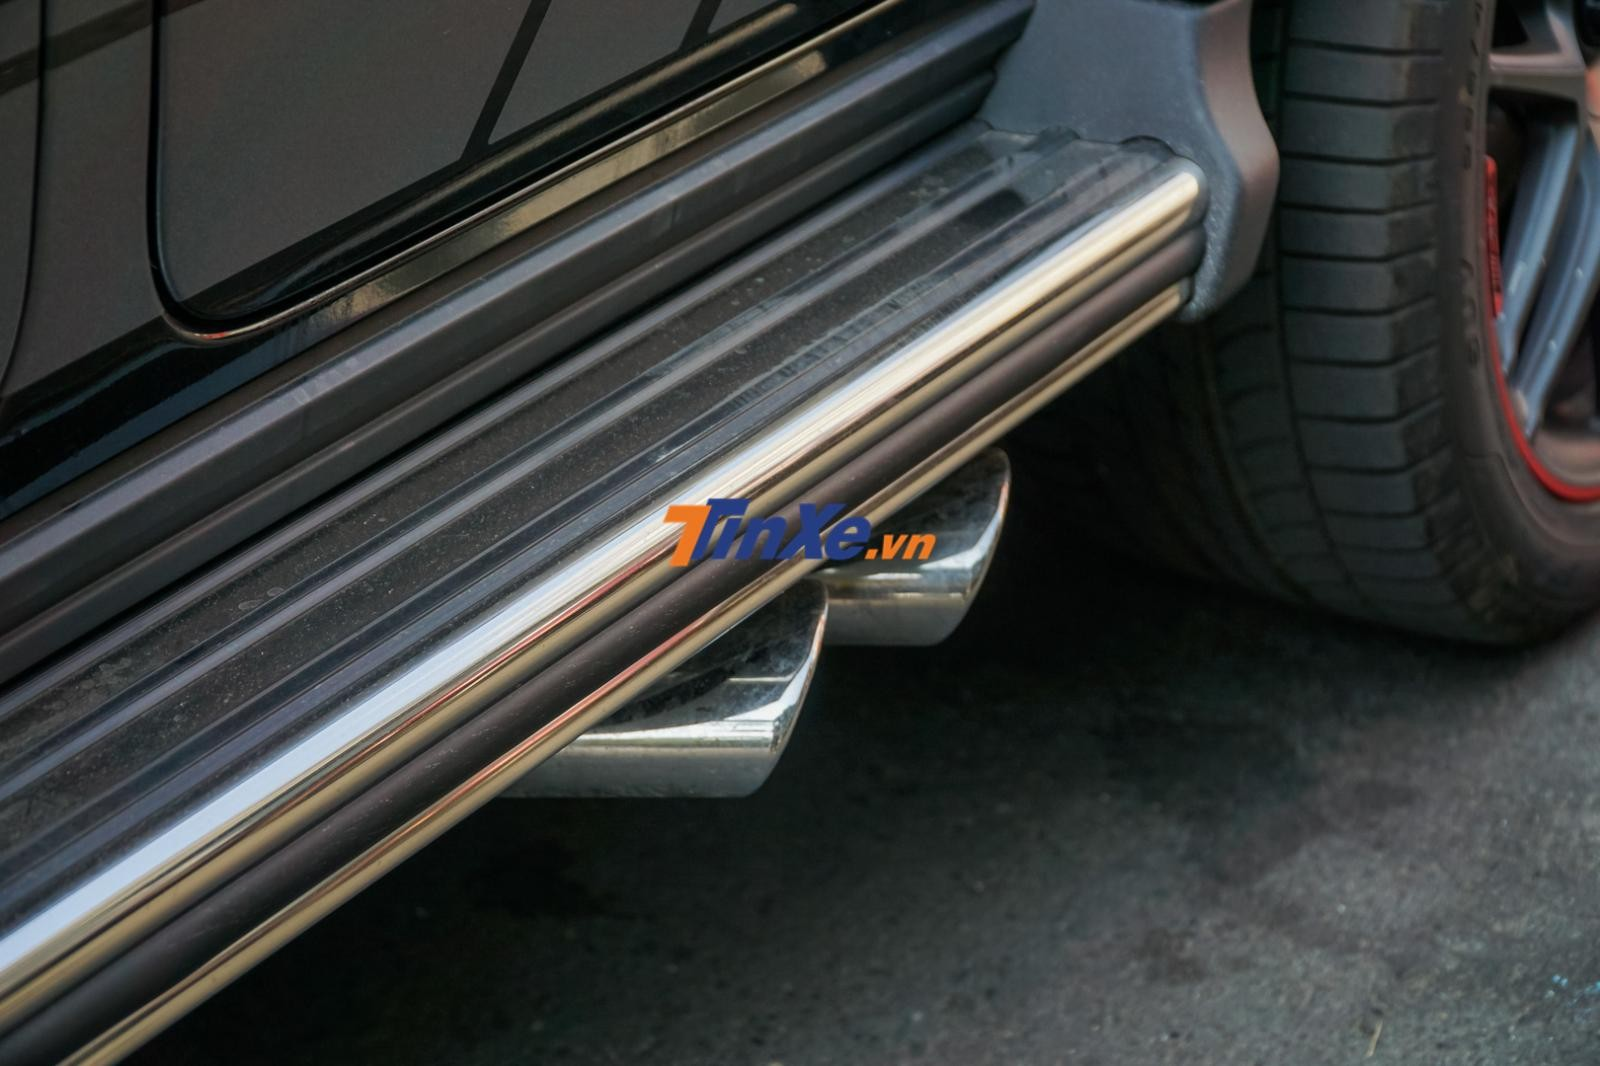 Hay cặp ống xả kép dạng tròn đặt bên hông xe không có gì thay đổi so với bản cũ